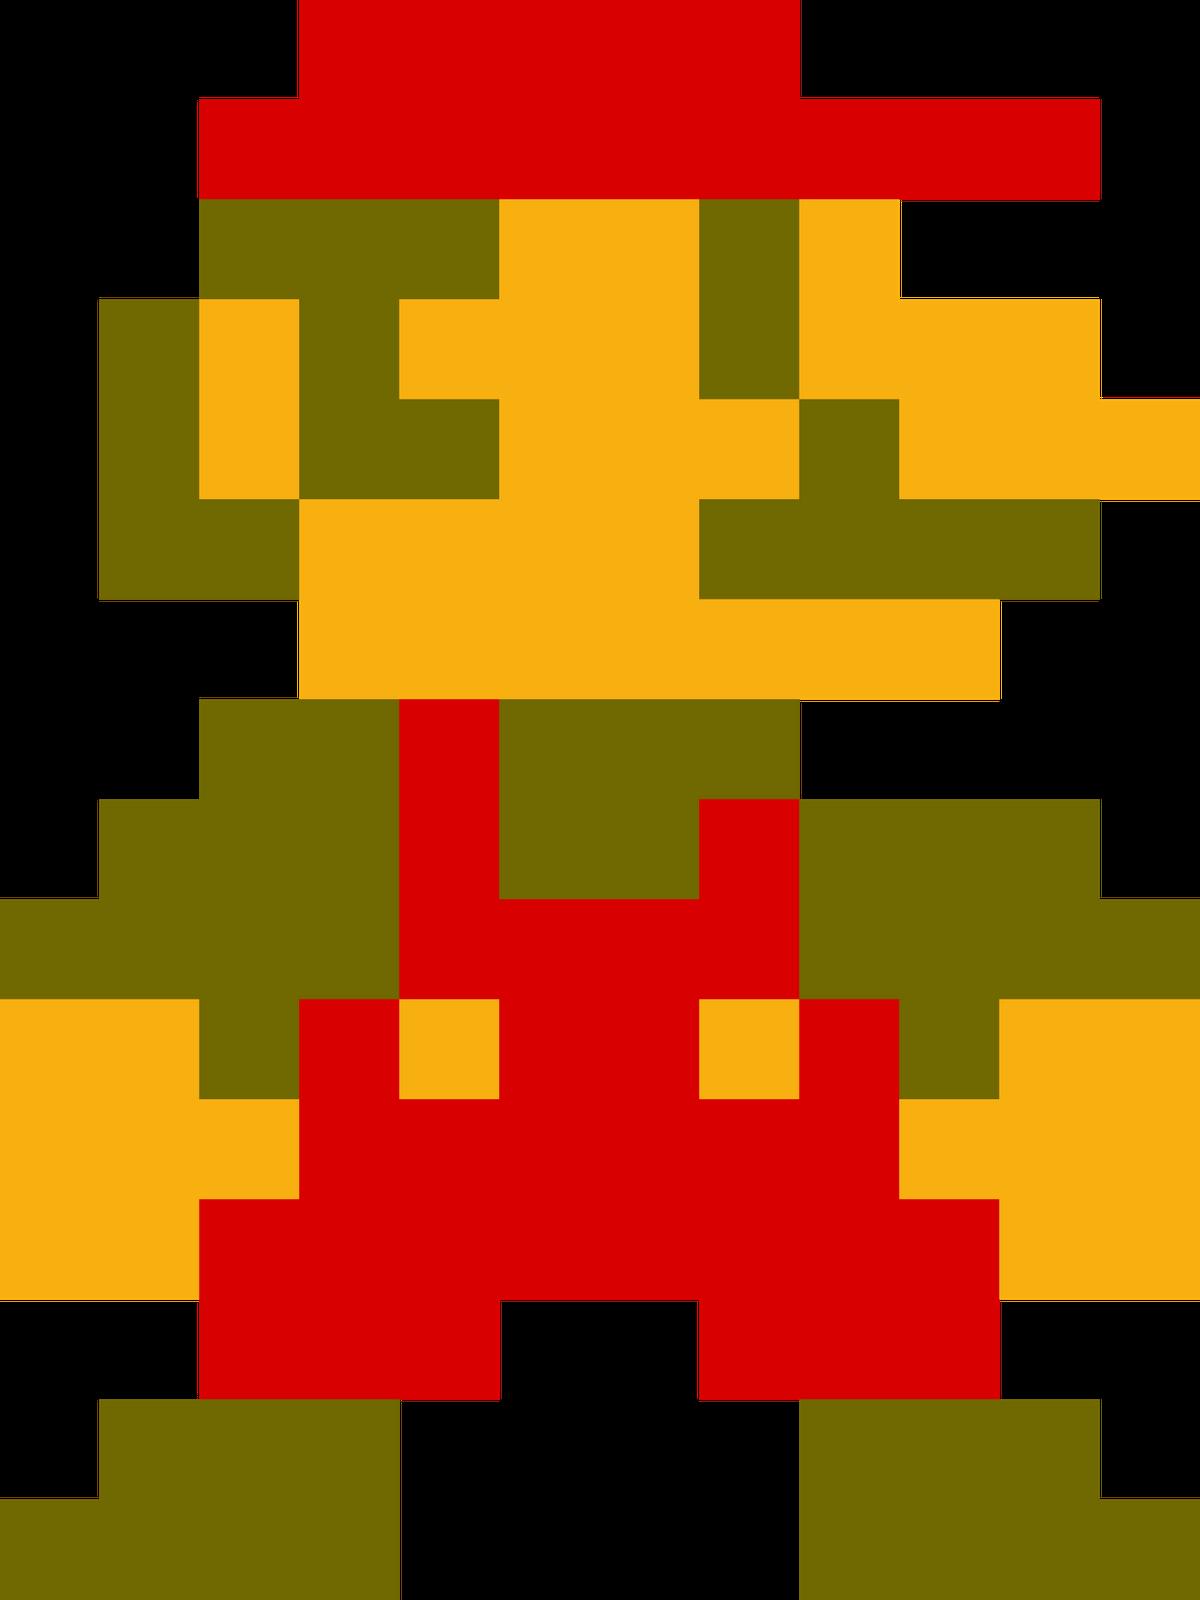 Super Mario.